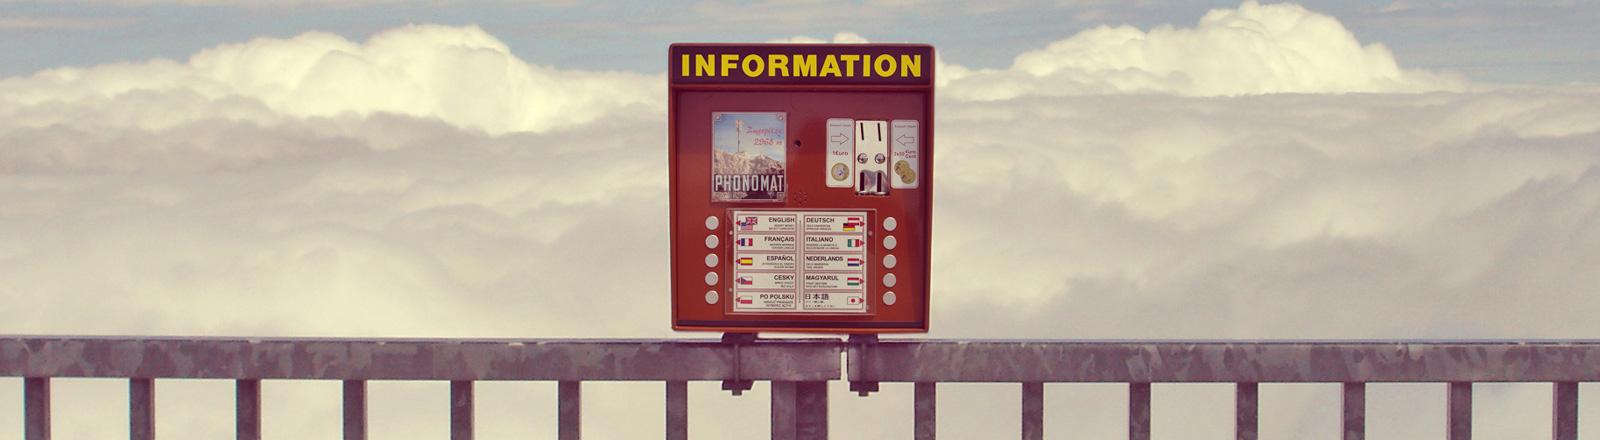 Ein roter Automat steht auf einem Geländer. Touristen können Informationen in verschiedenen Sprachen abrufen. Dahinter sind Wolken.